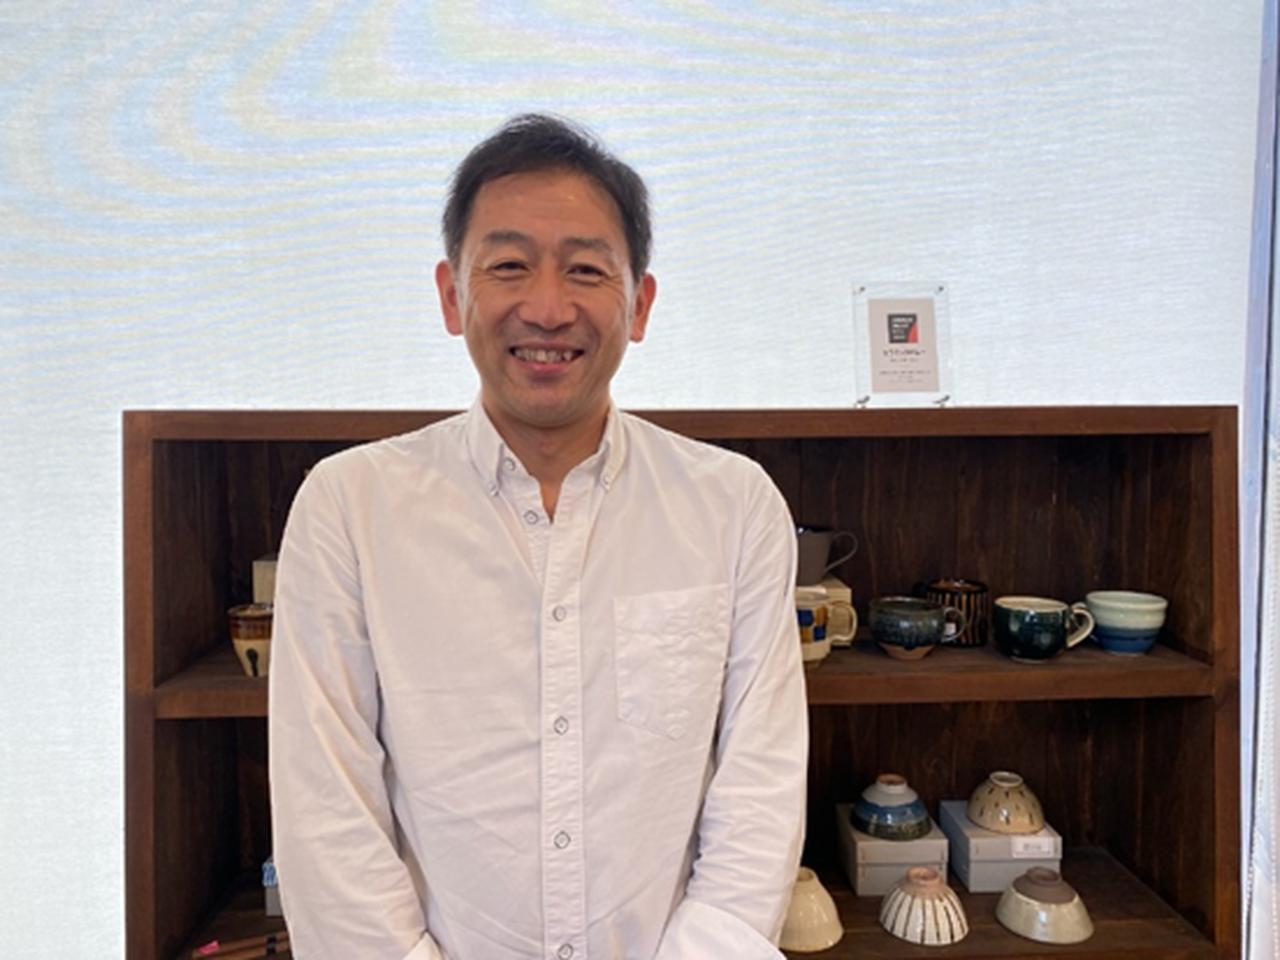 画像: セラミックバレー協議会 チーフマネージャー 井澤さん